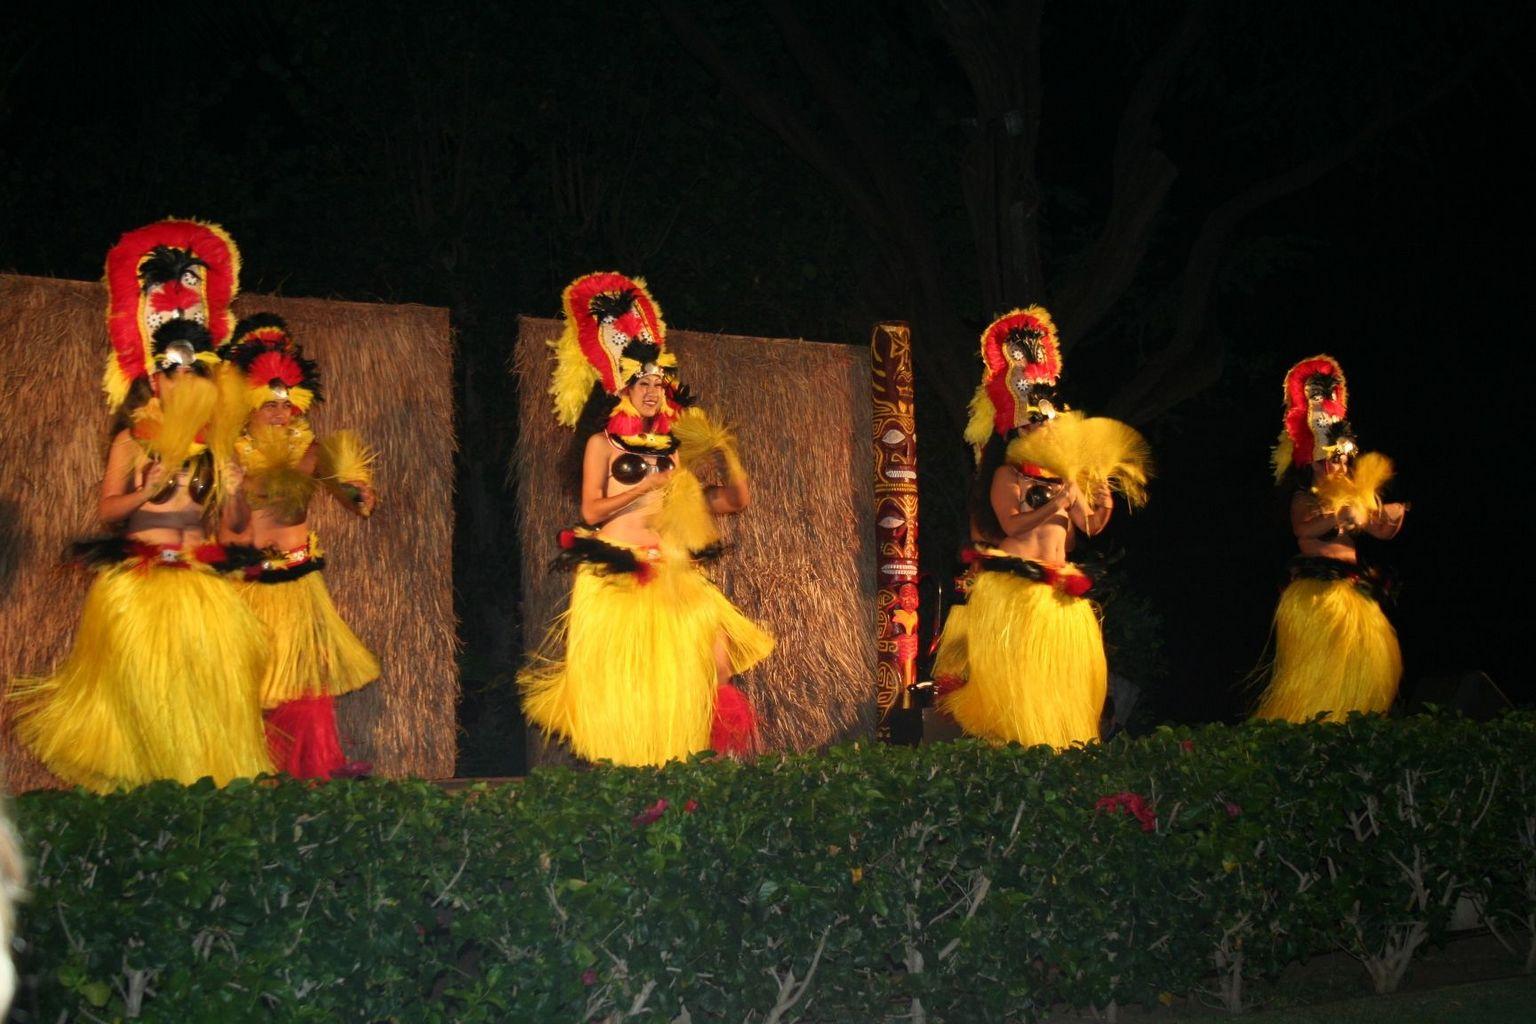 MÁS FOTOS, Luau a la puesta del sol en Kaanapali, Maui